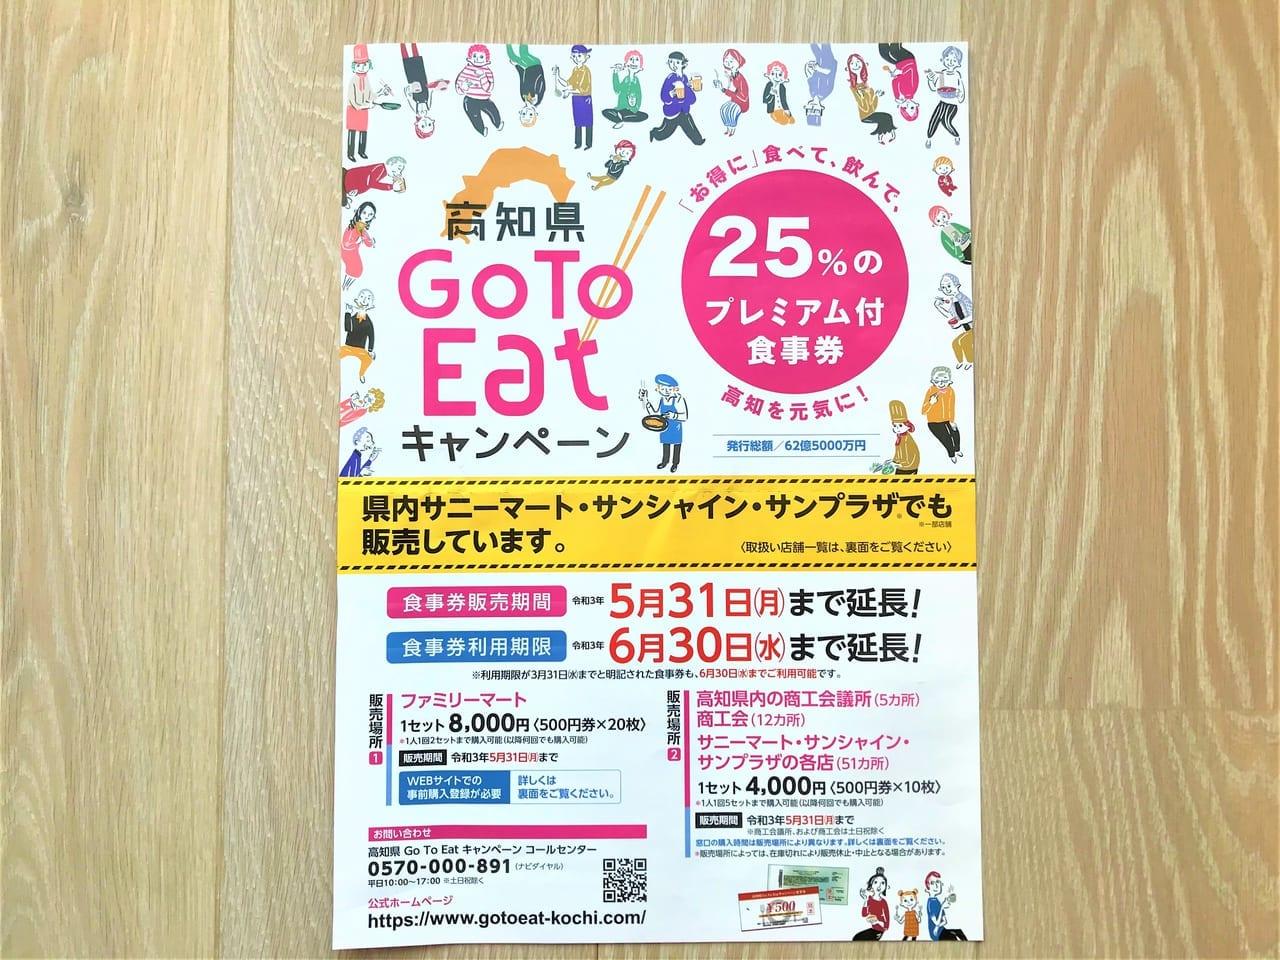 2021年5月26日、高知県Go To Eat食事券の利用自粛期間が開始